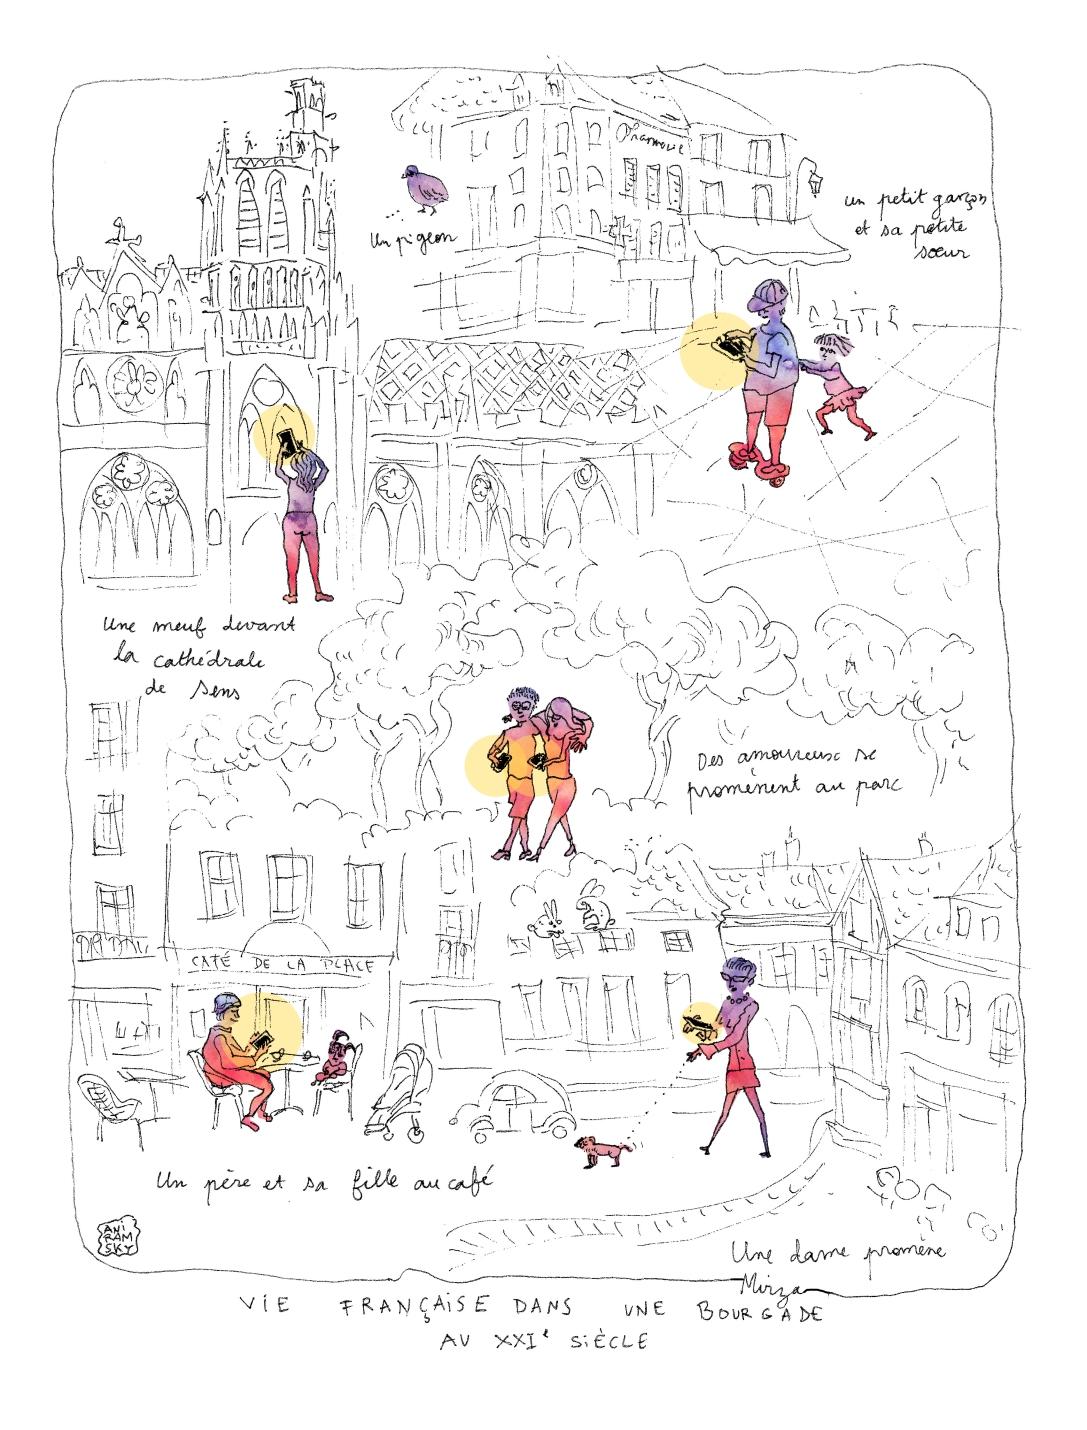 2017 Aniramsky Vie française dans une bourgade au 21e siècle